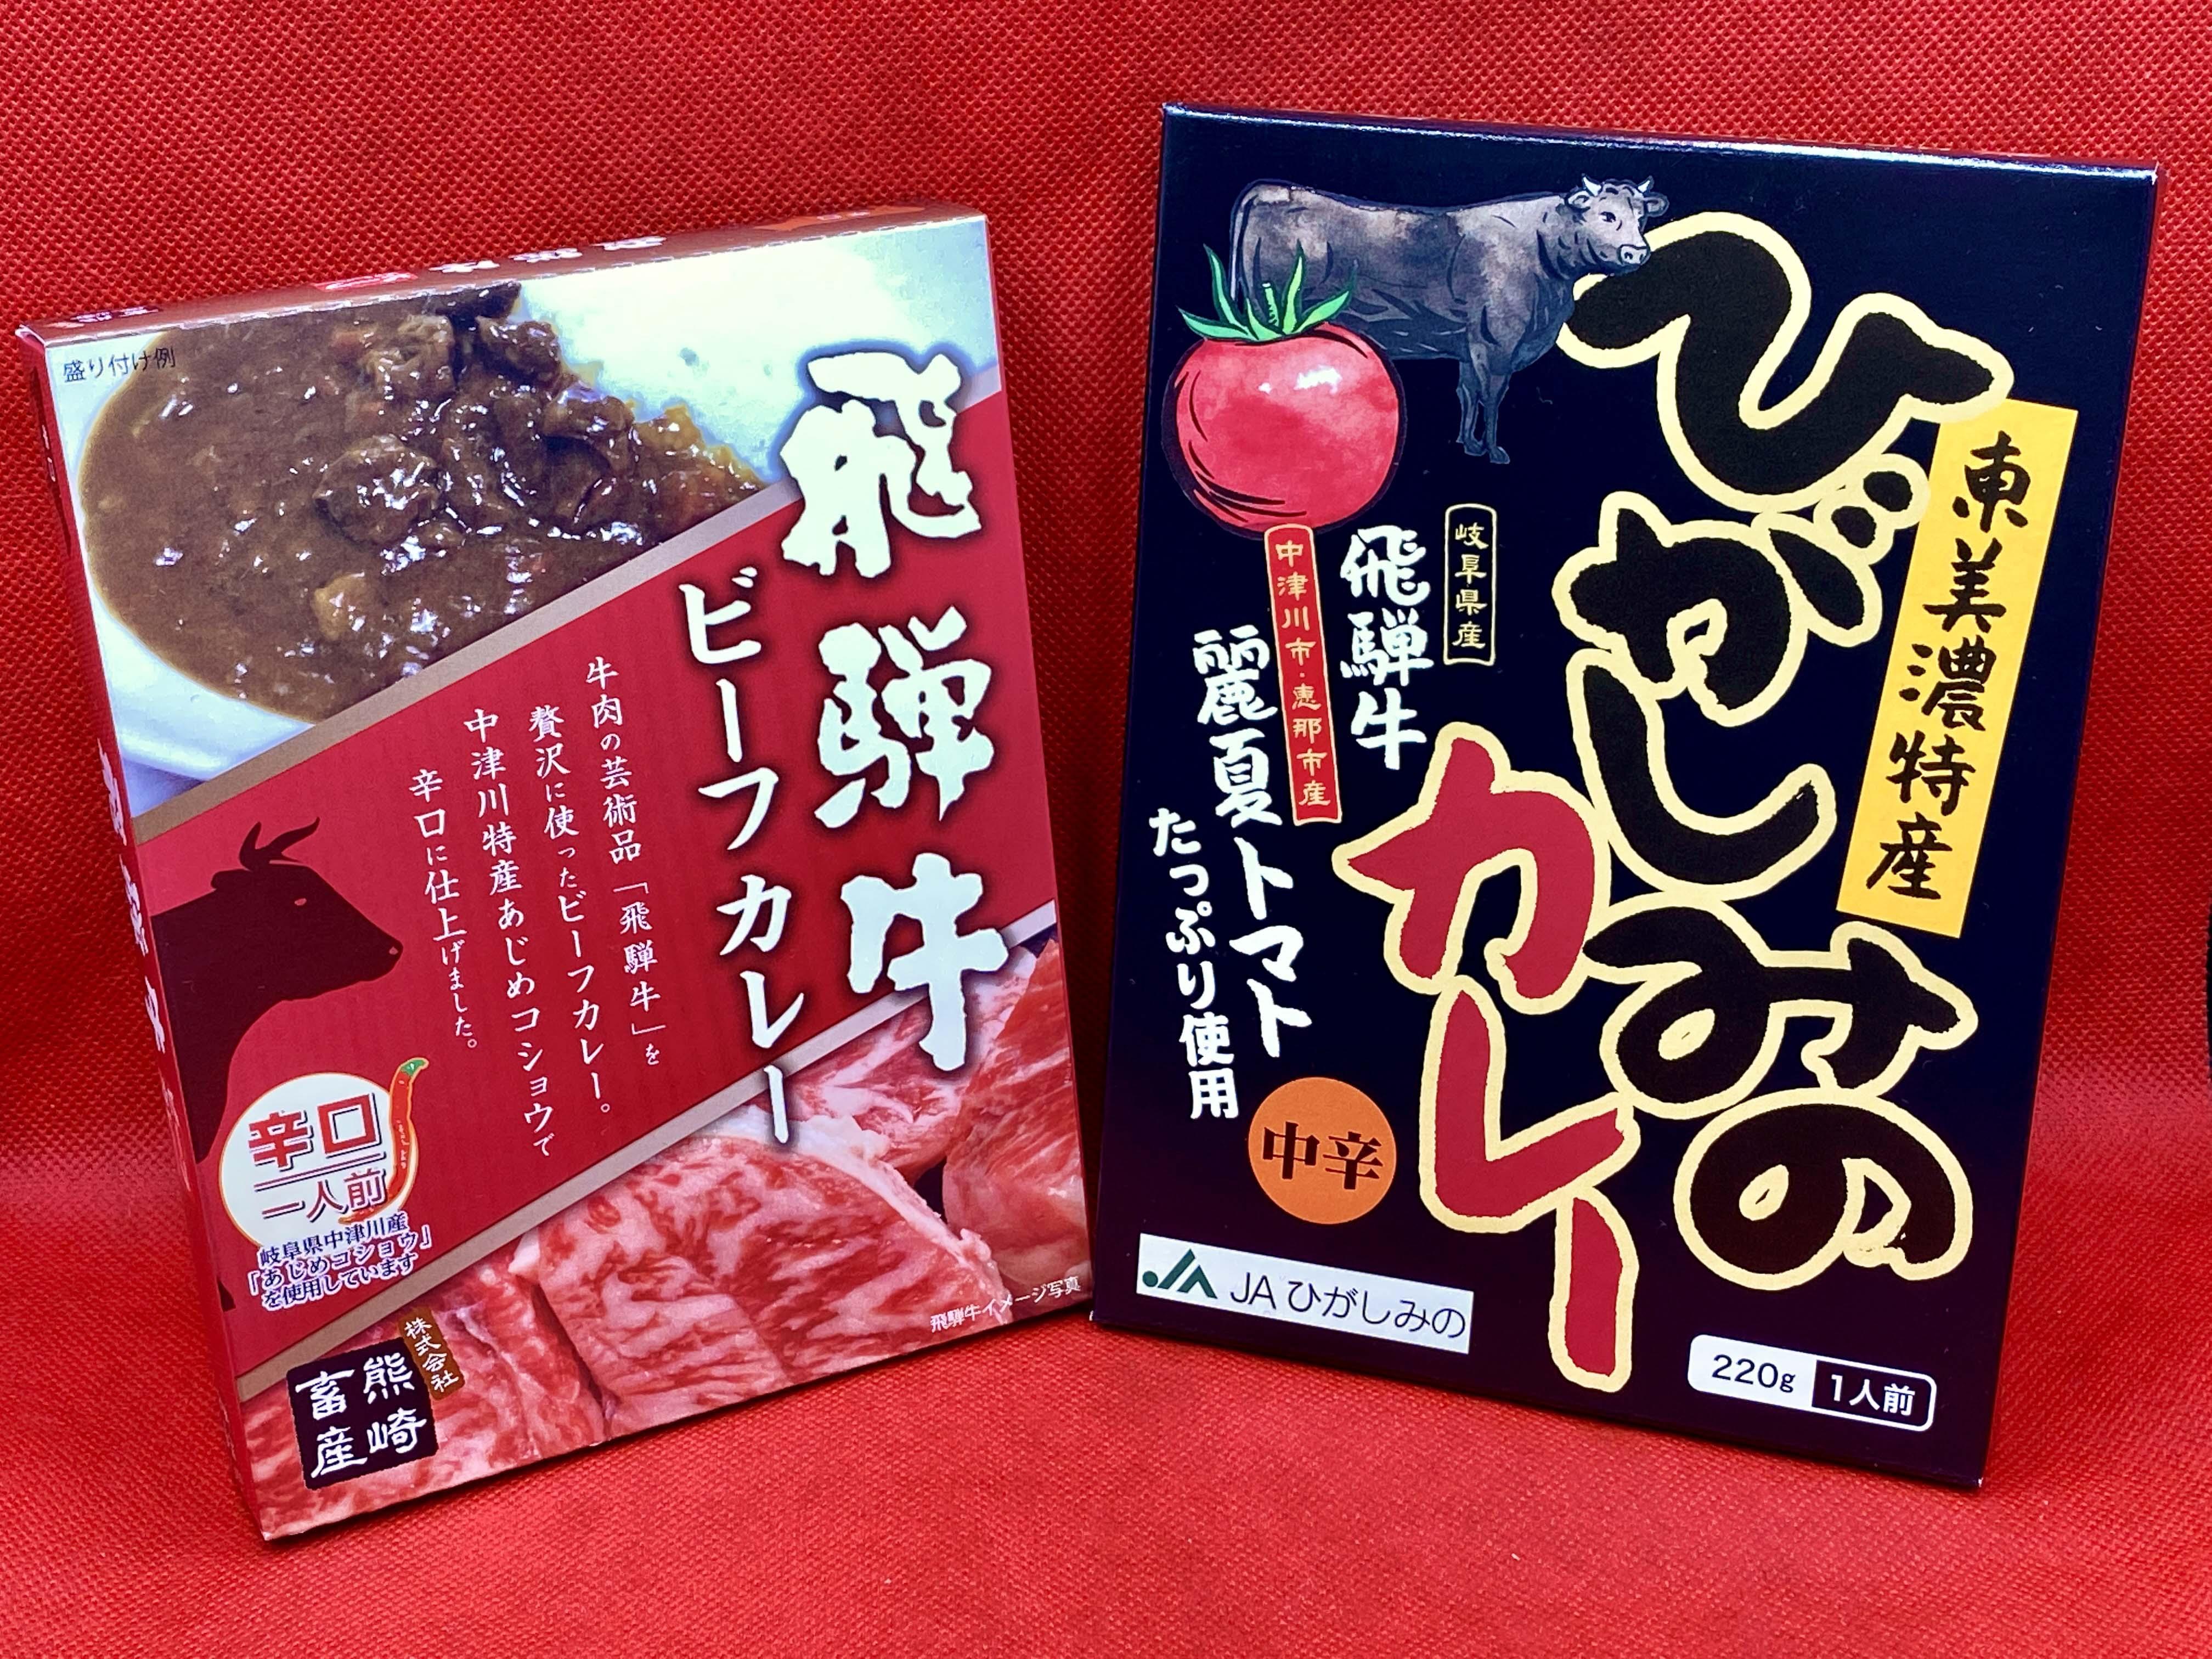 中津川の飛騨牛カレーセット画像